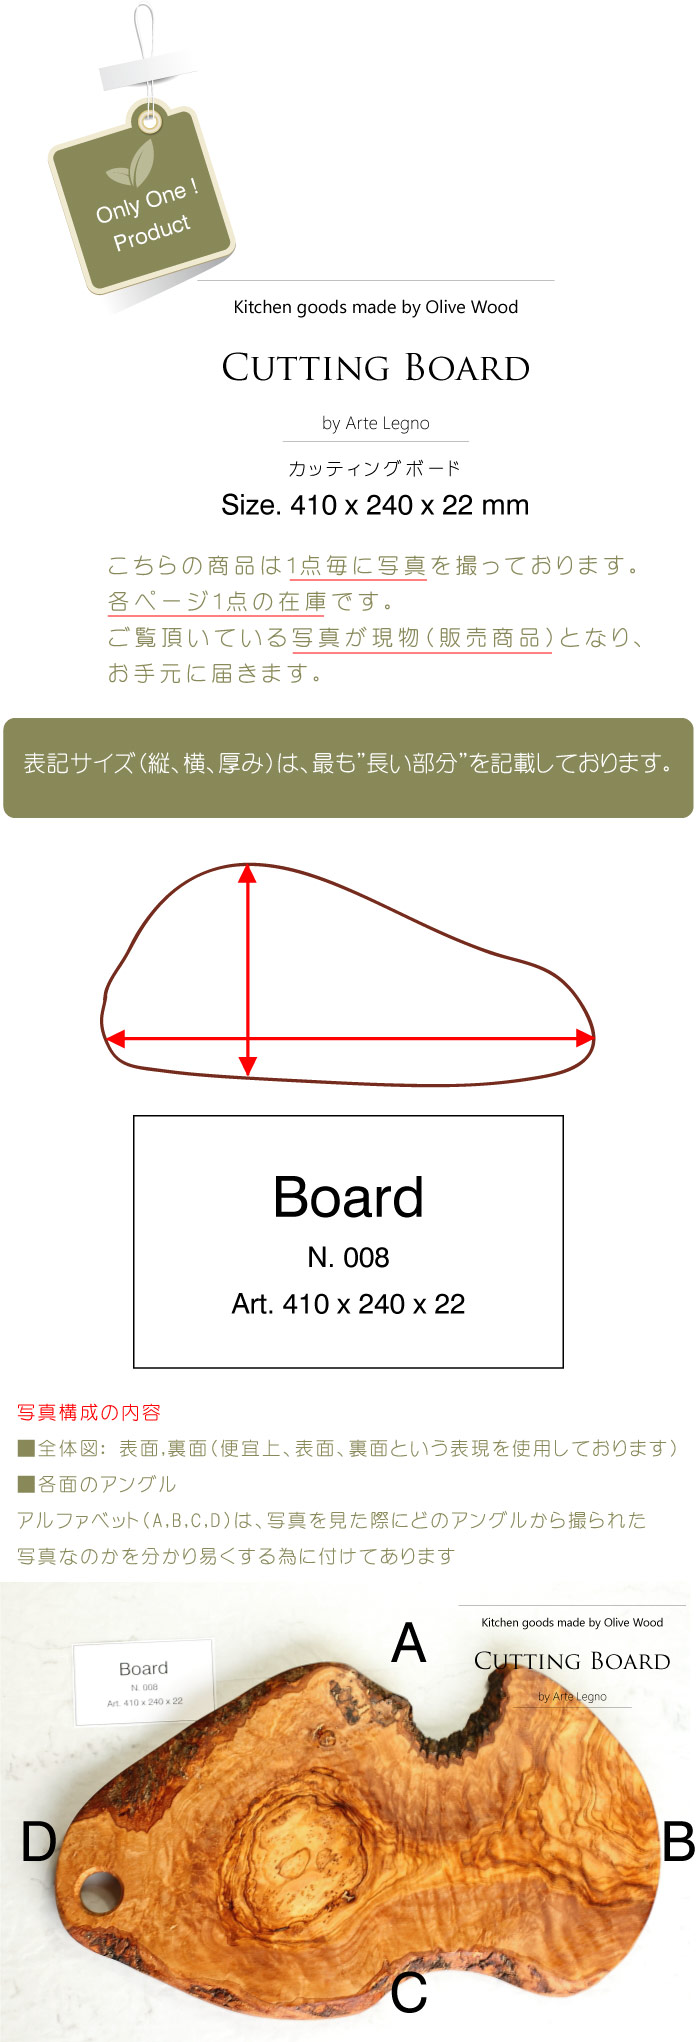 カッティングボード No.8 アルテレニョ社 イタリア製 (Italian Cutting Board made by Arte Legno Olive Wood) タイトル